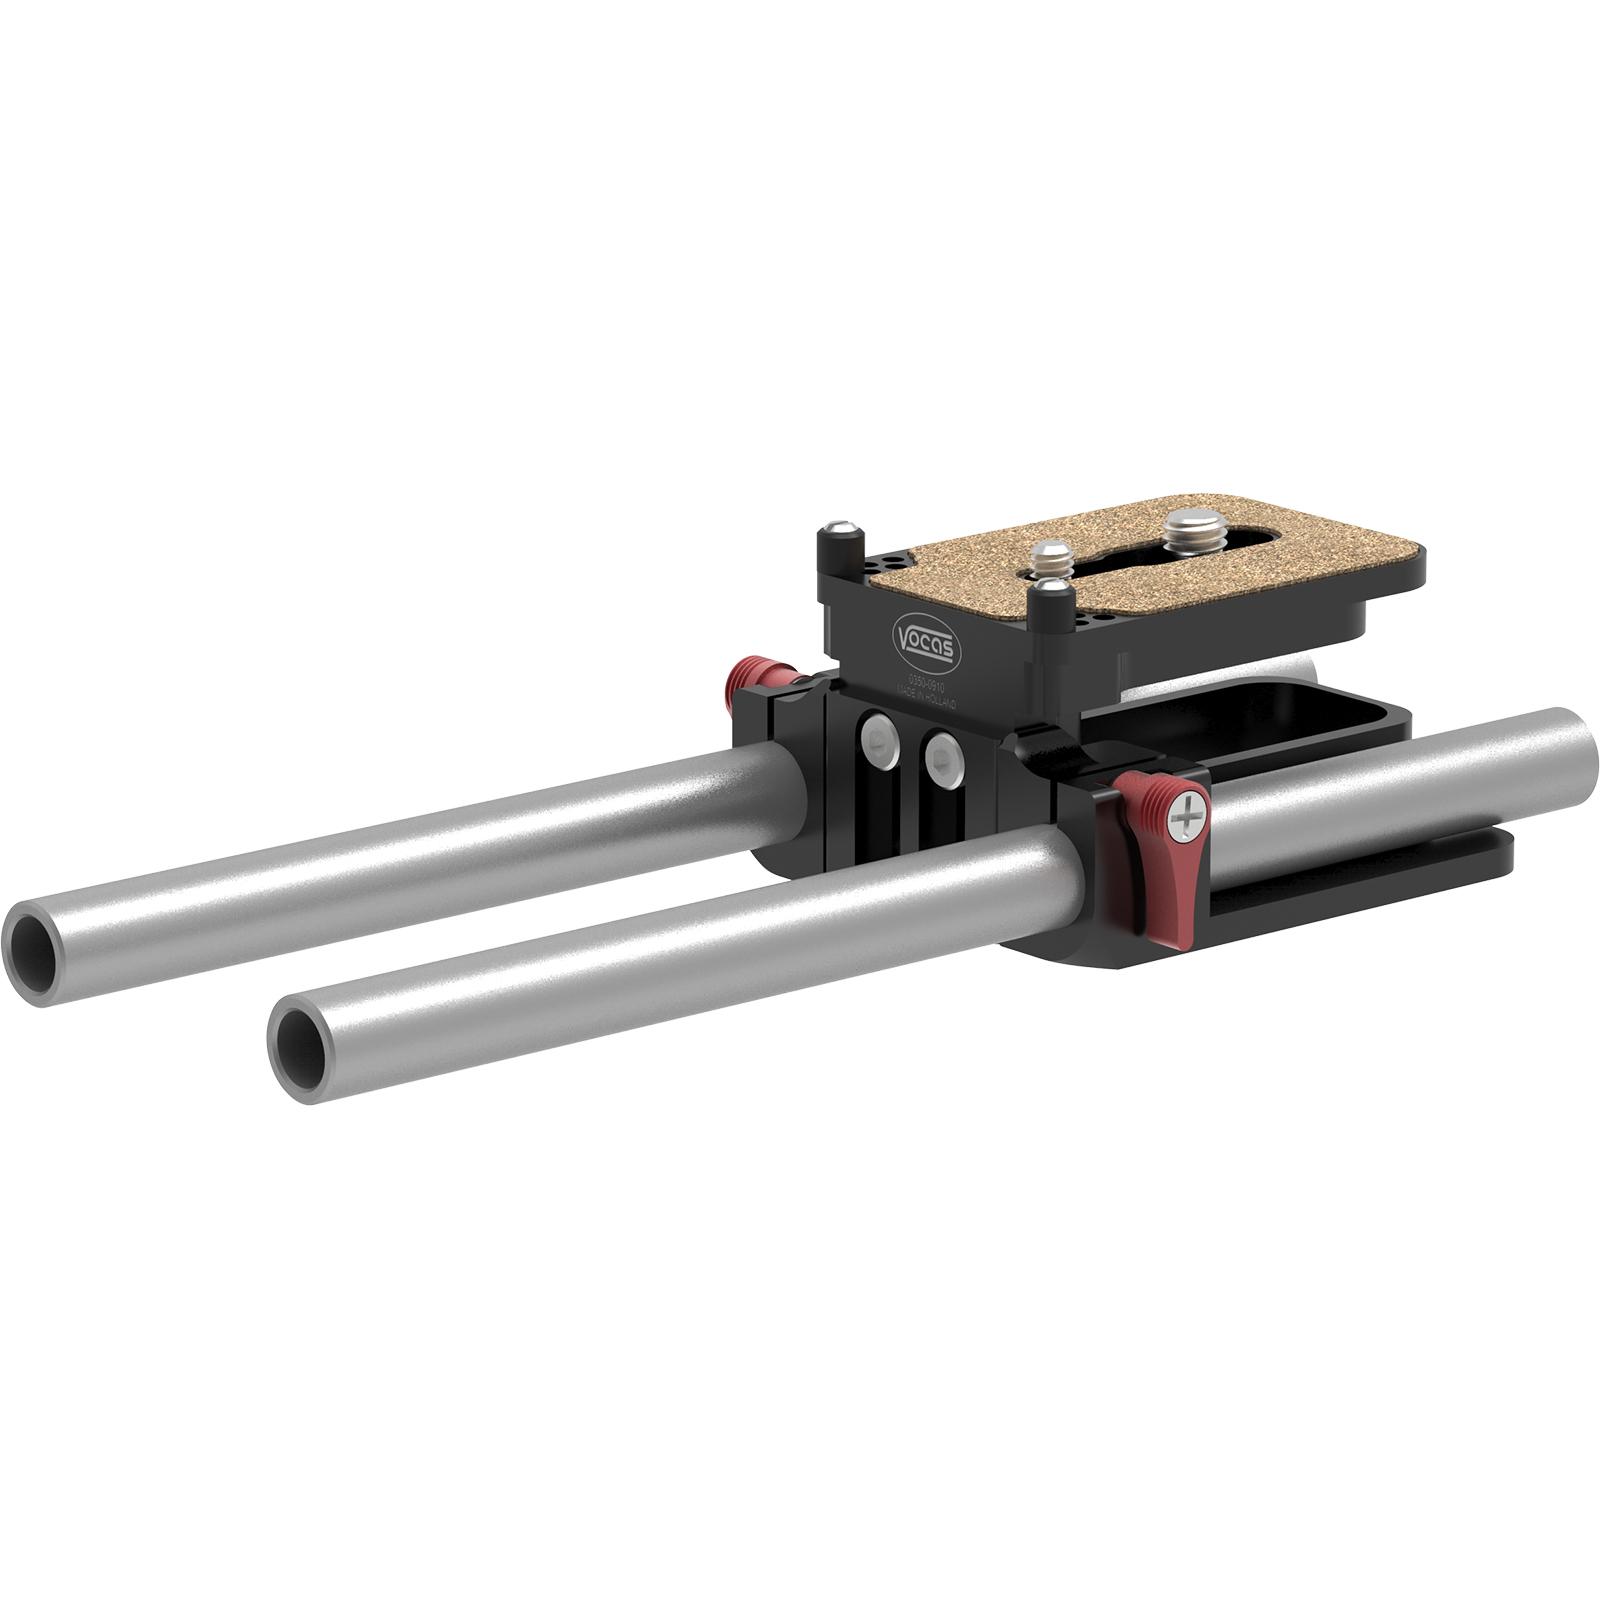 0350-0910: 15mmプロレールサポート type Q